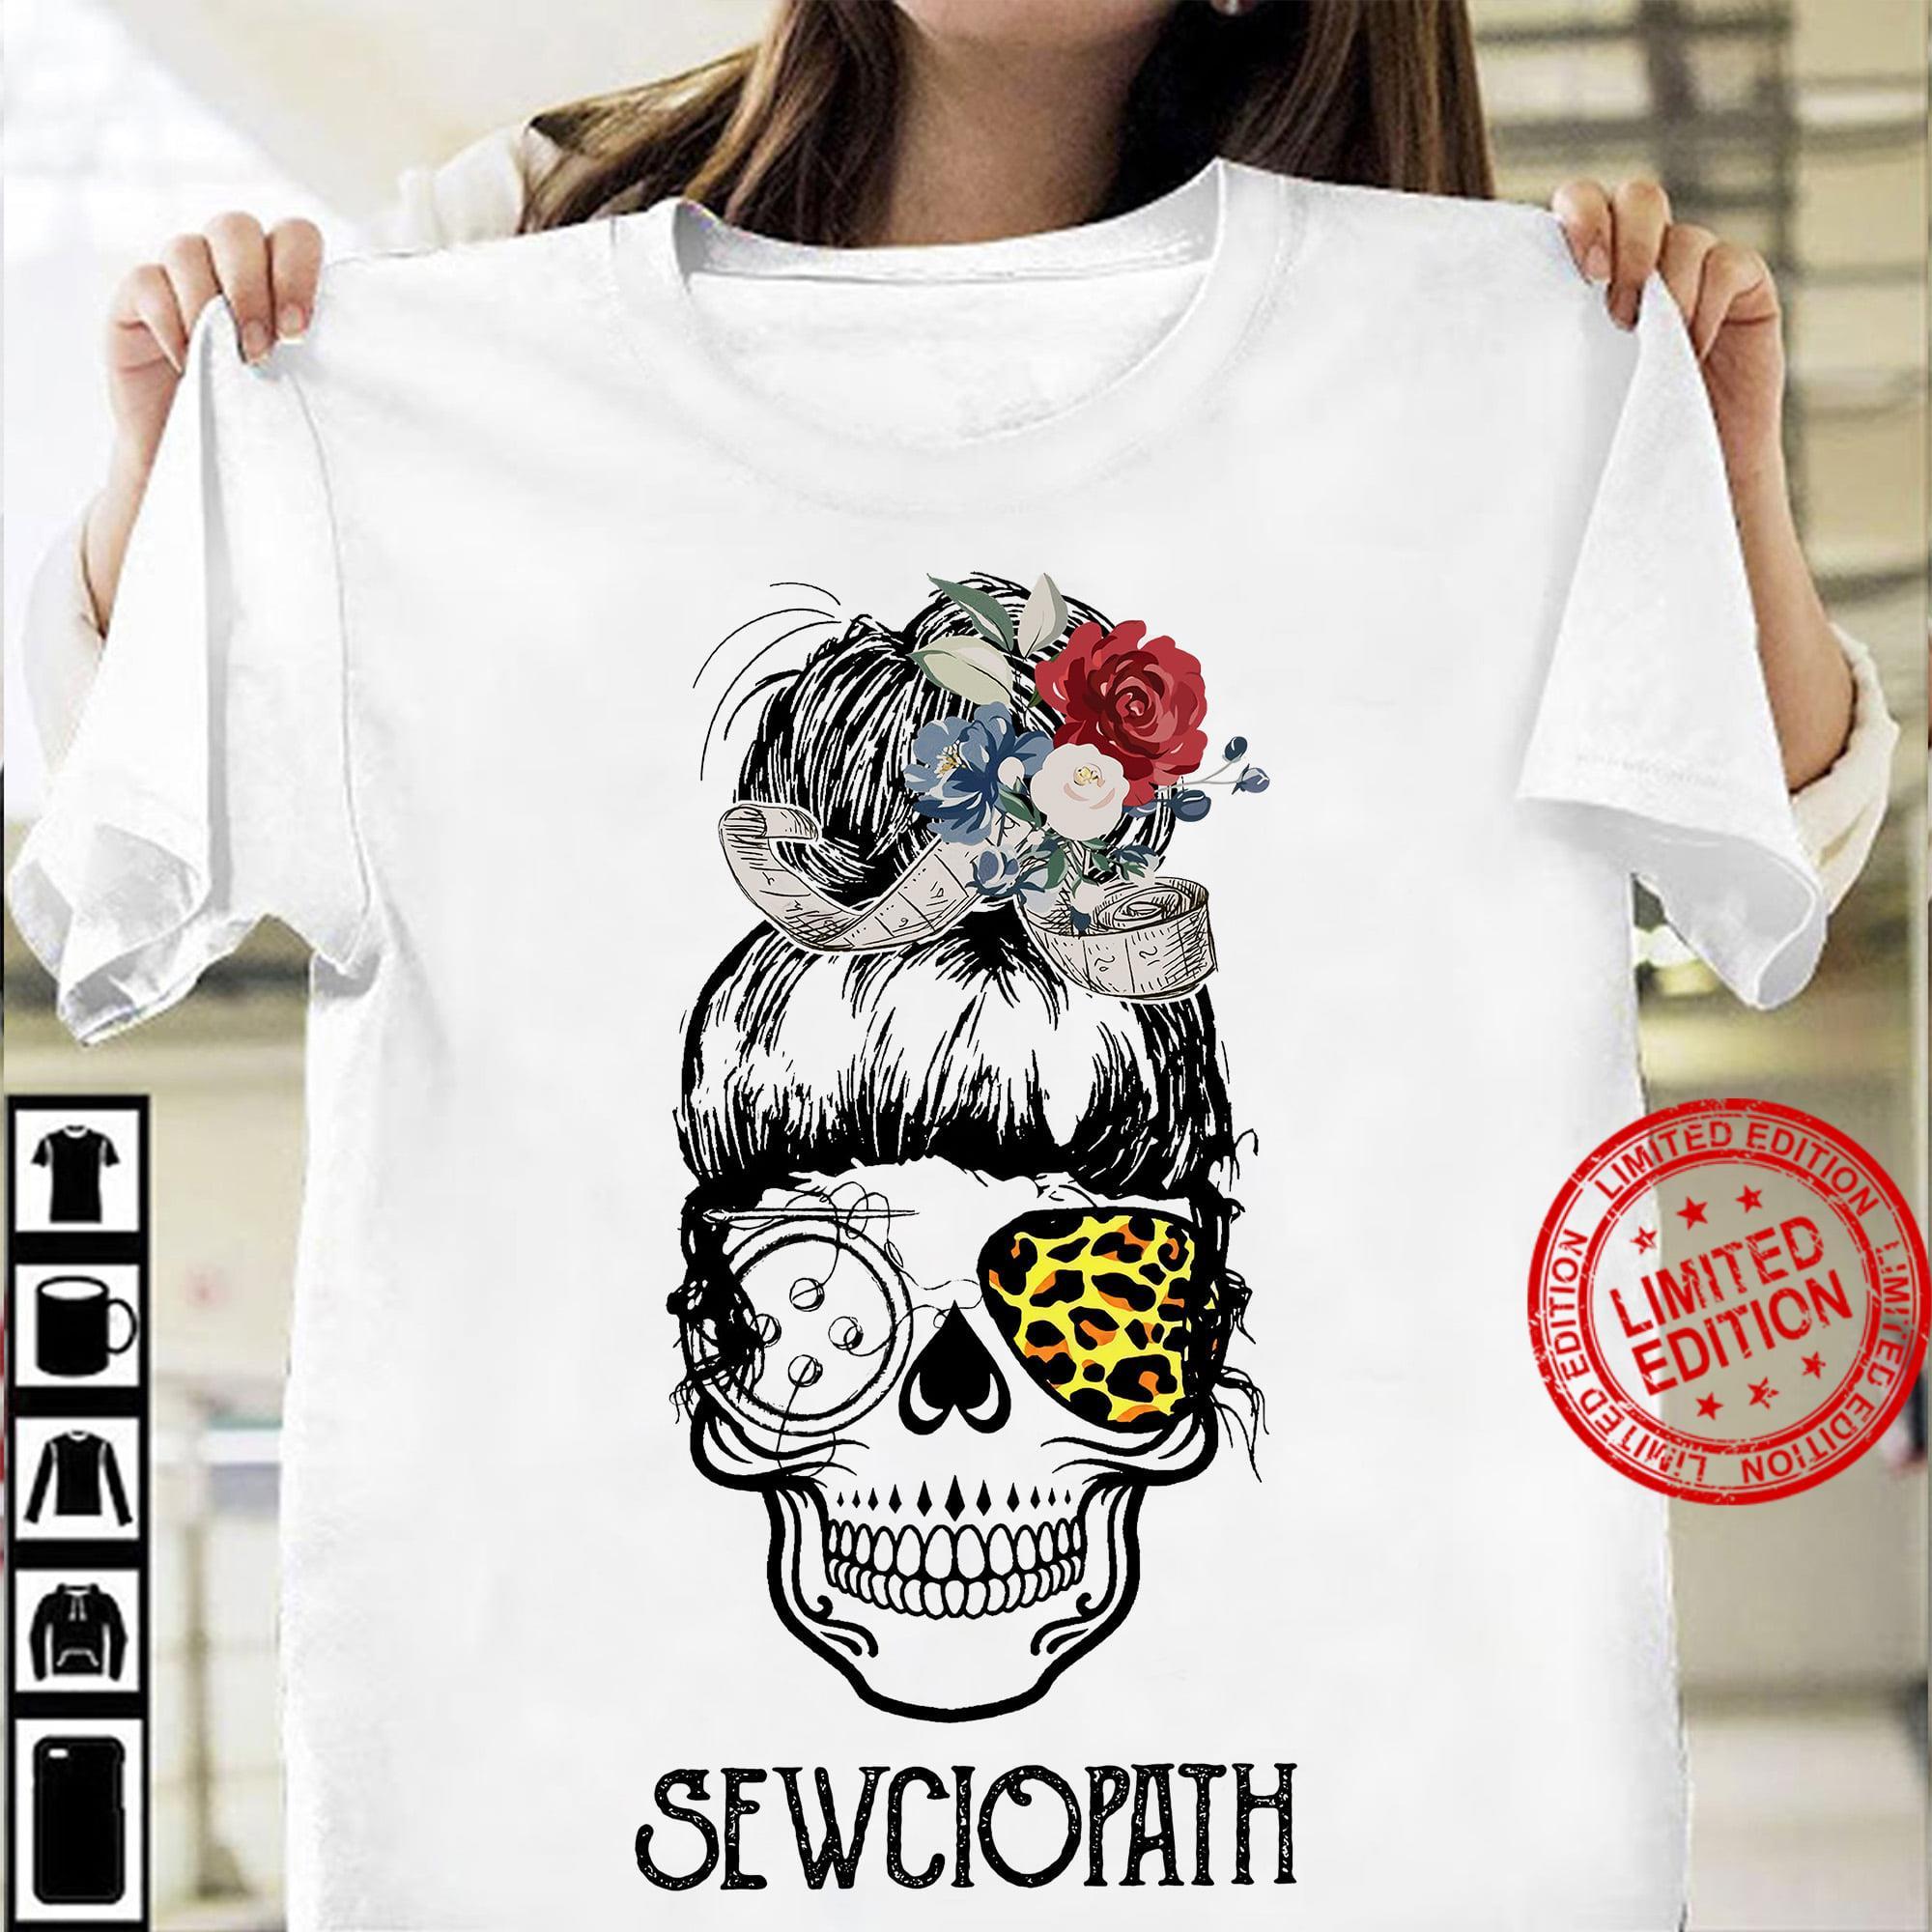 Sewciopath Shirt